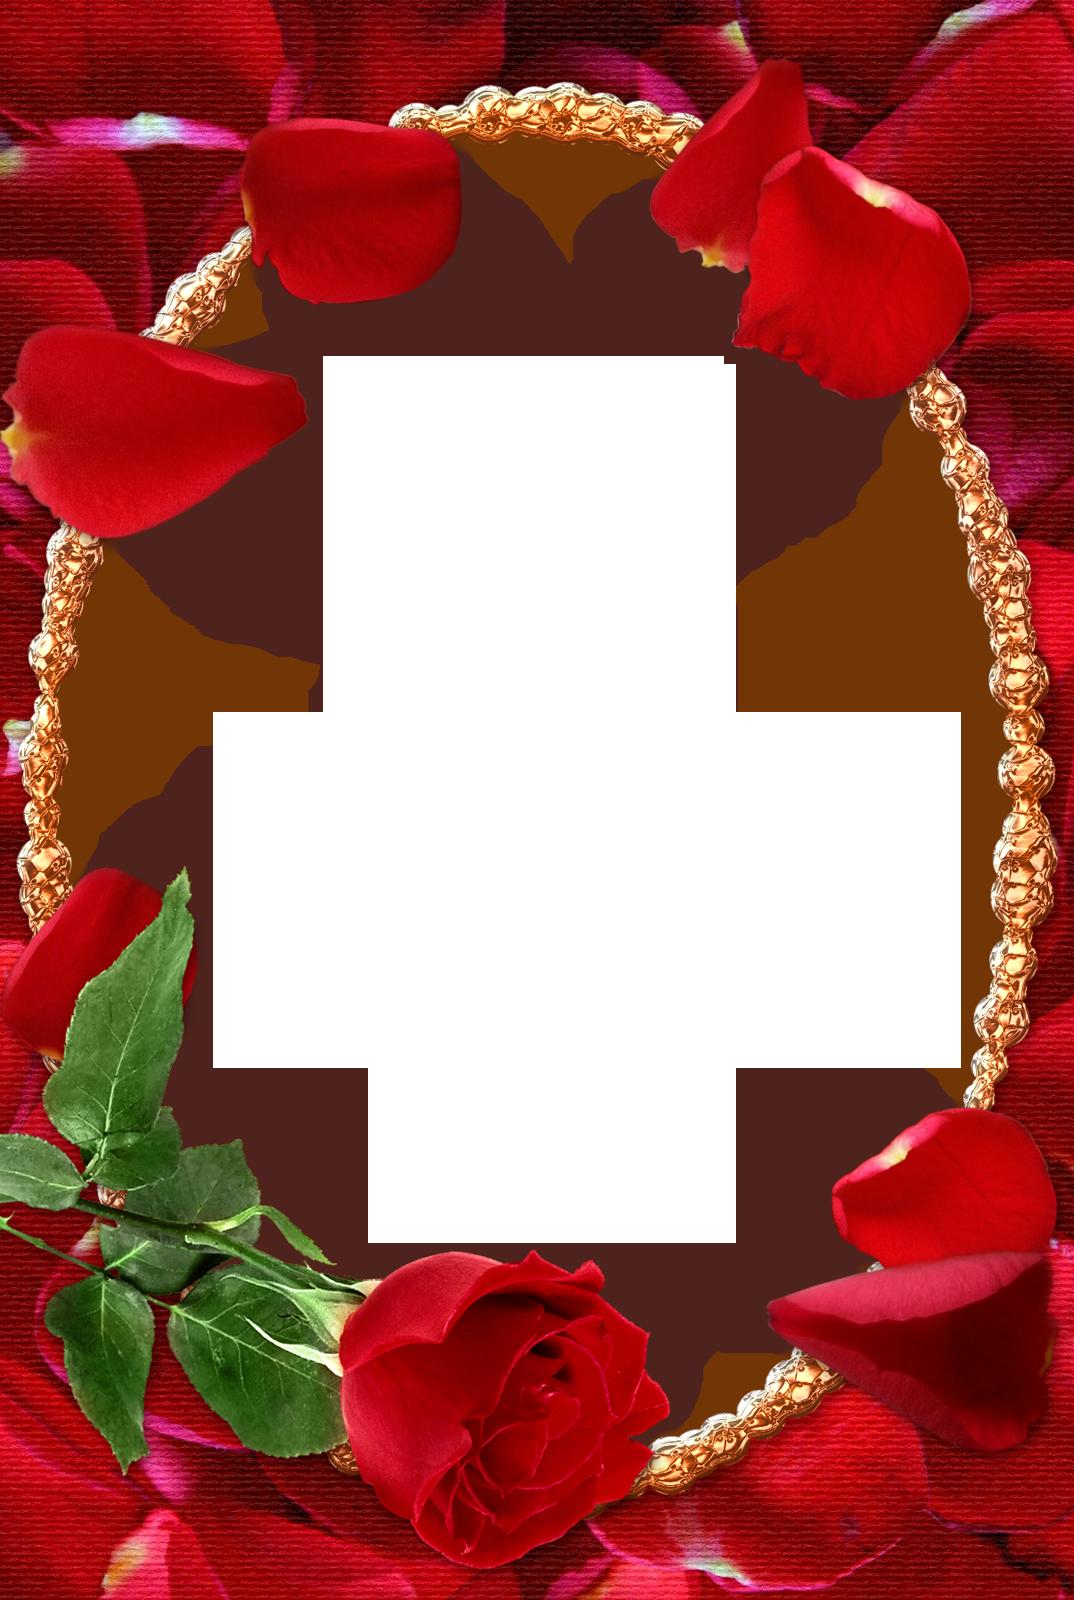 Фоторамка Красные розы Фоторамка для фотошопа, PNG шаблон.